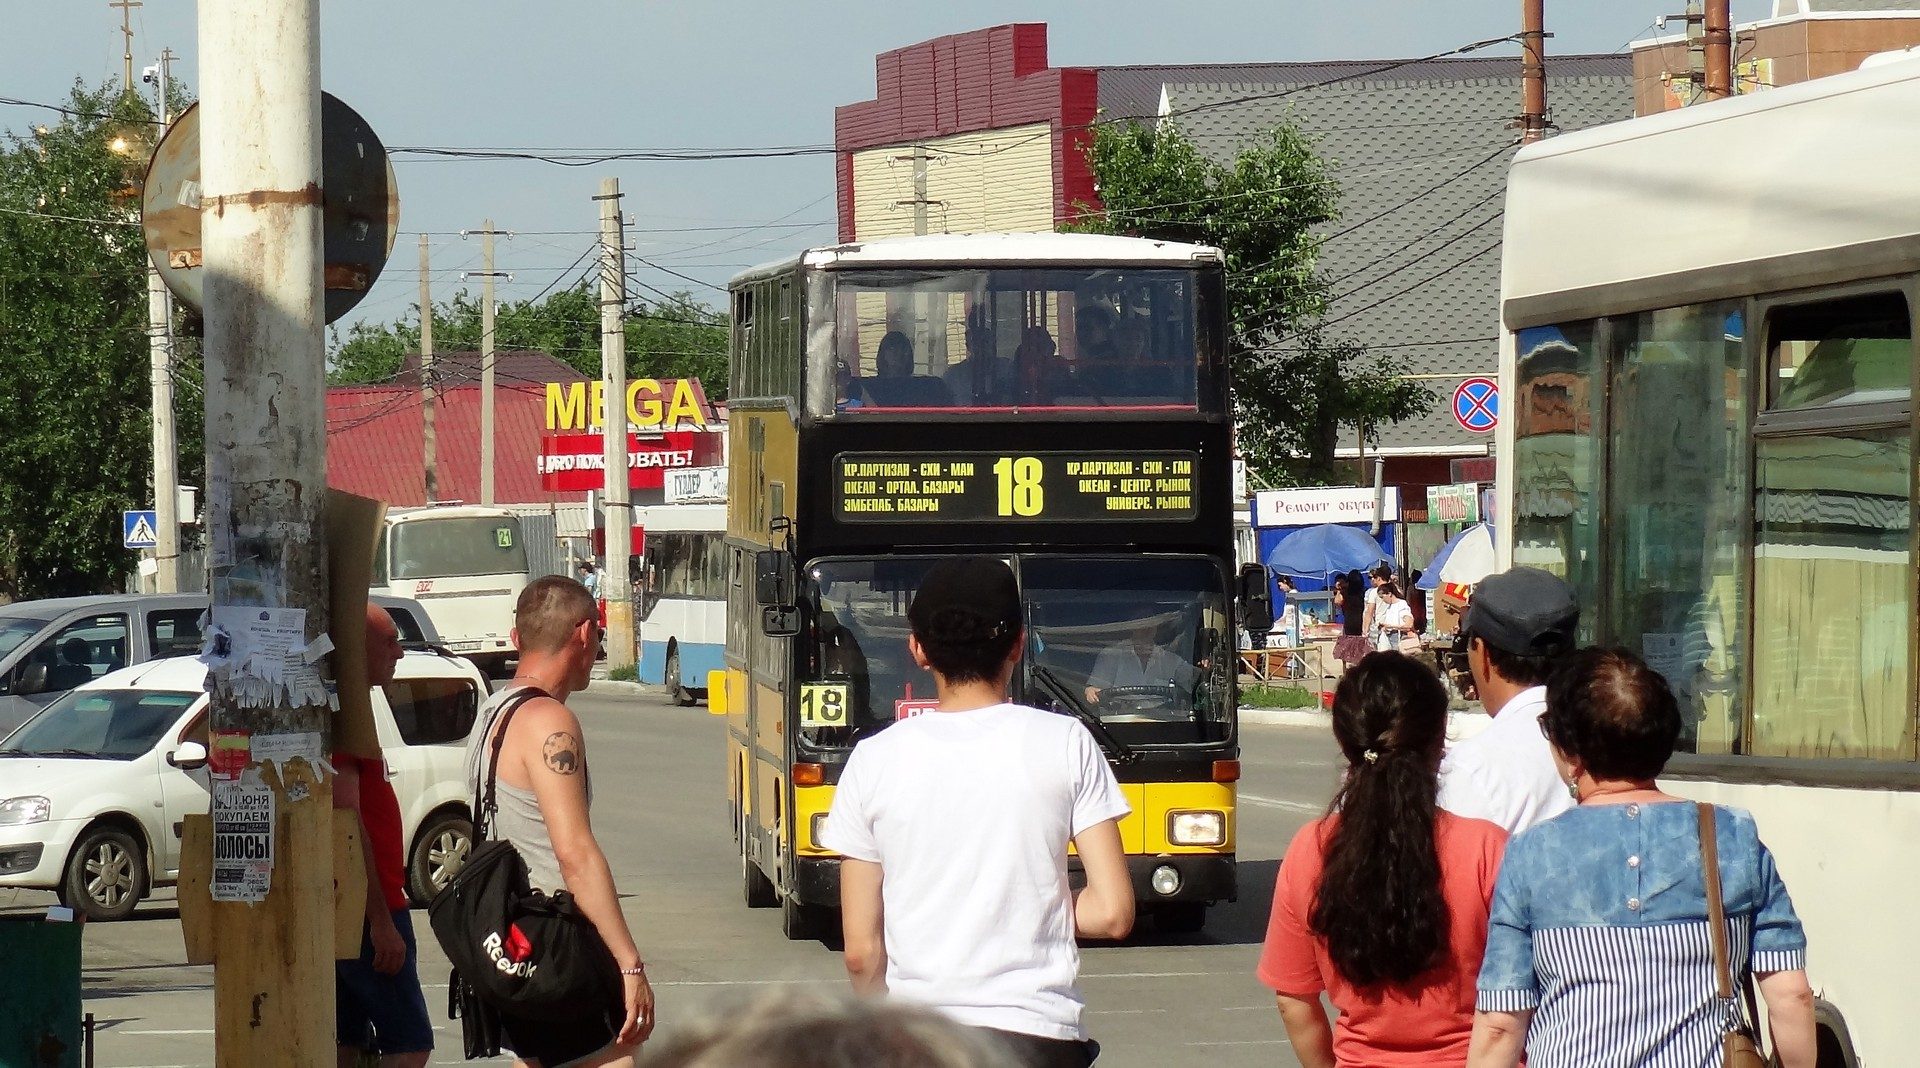 Видео про залезли в трусы в автобусе